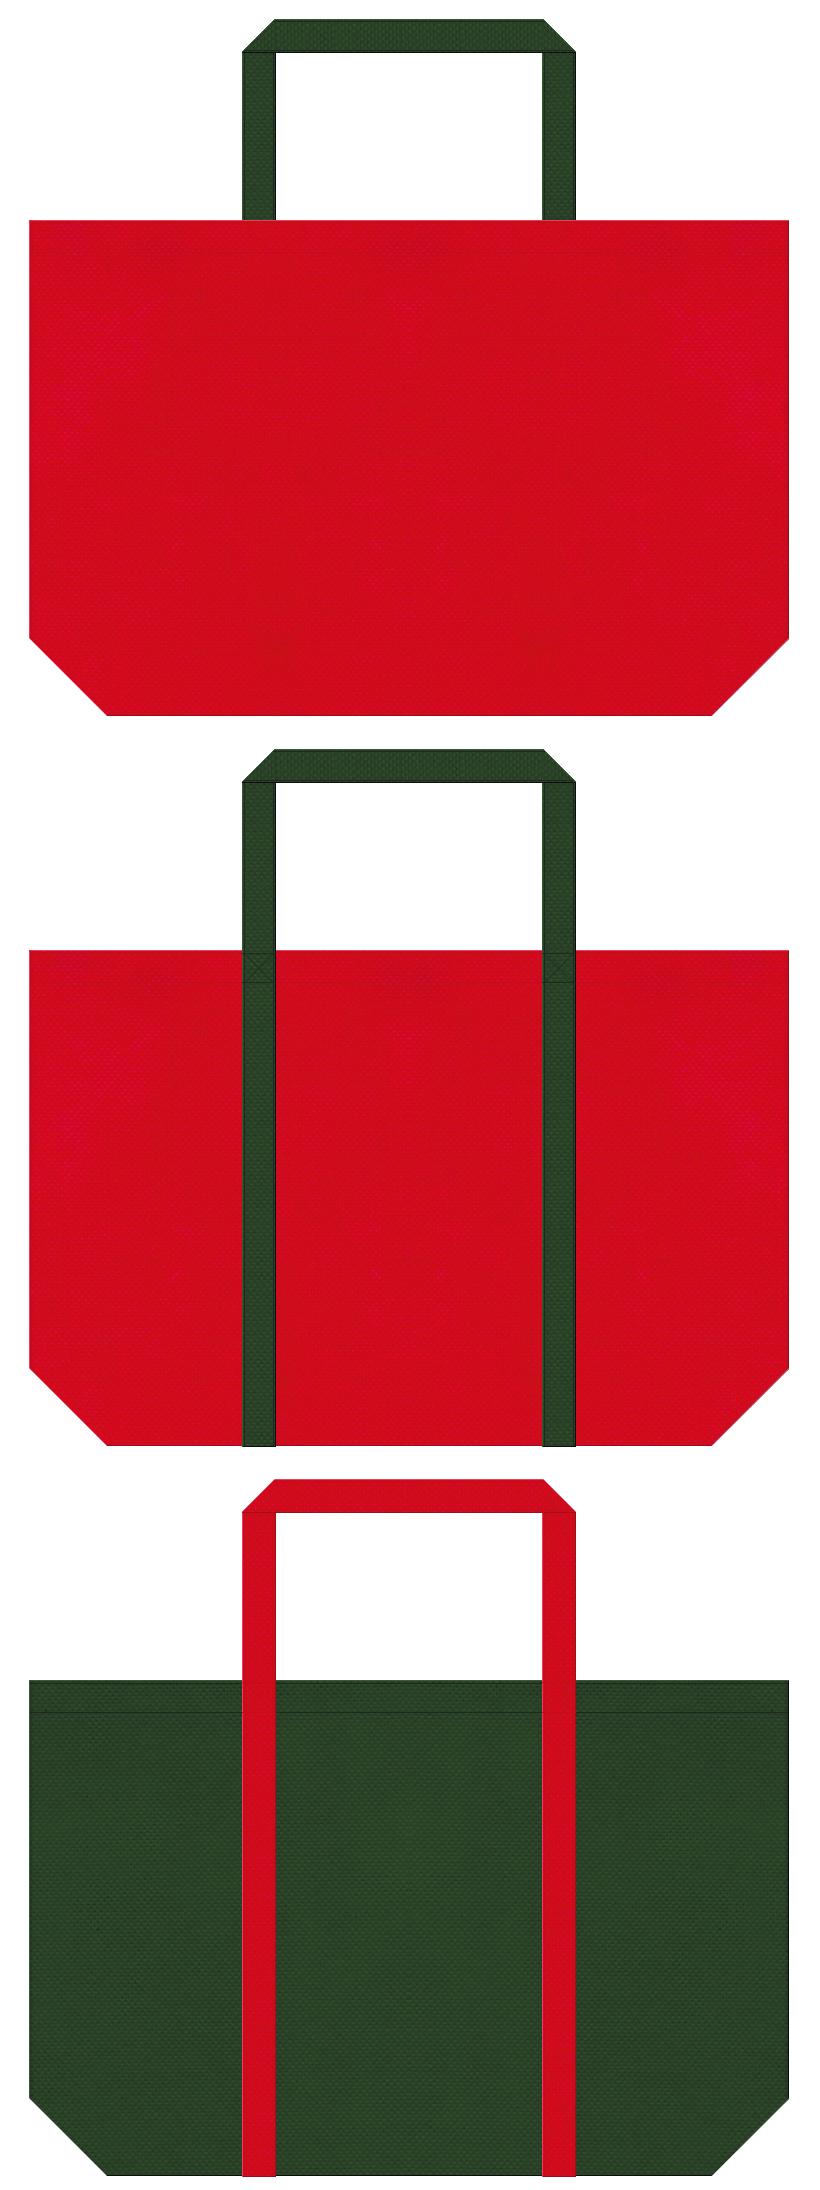 登山・キャンプ・アウトドアイベント・トマト・スイカ・イチゴ・クリスマスセールにお奨めの不織布バッグデザイン:紅色と濃緑色のコーデ